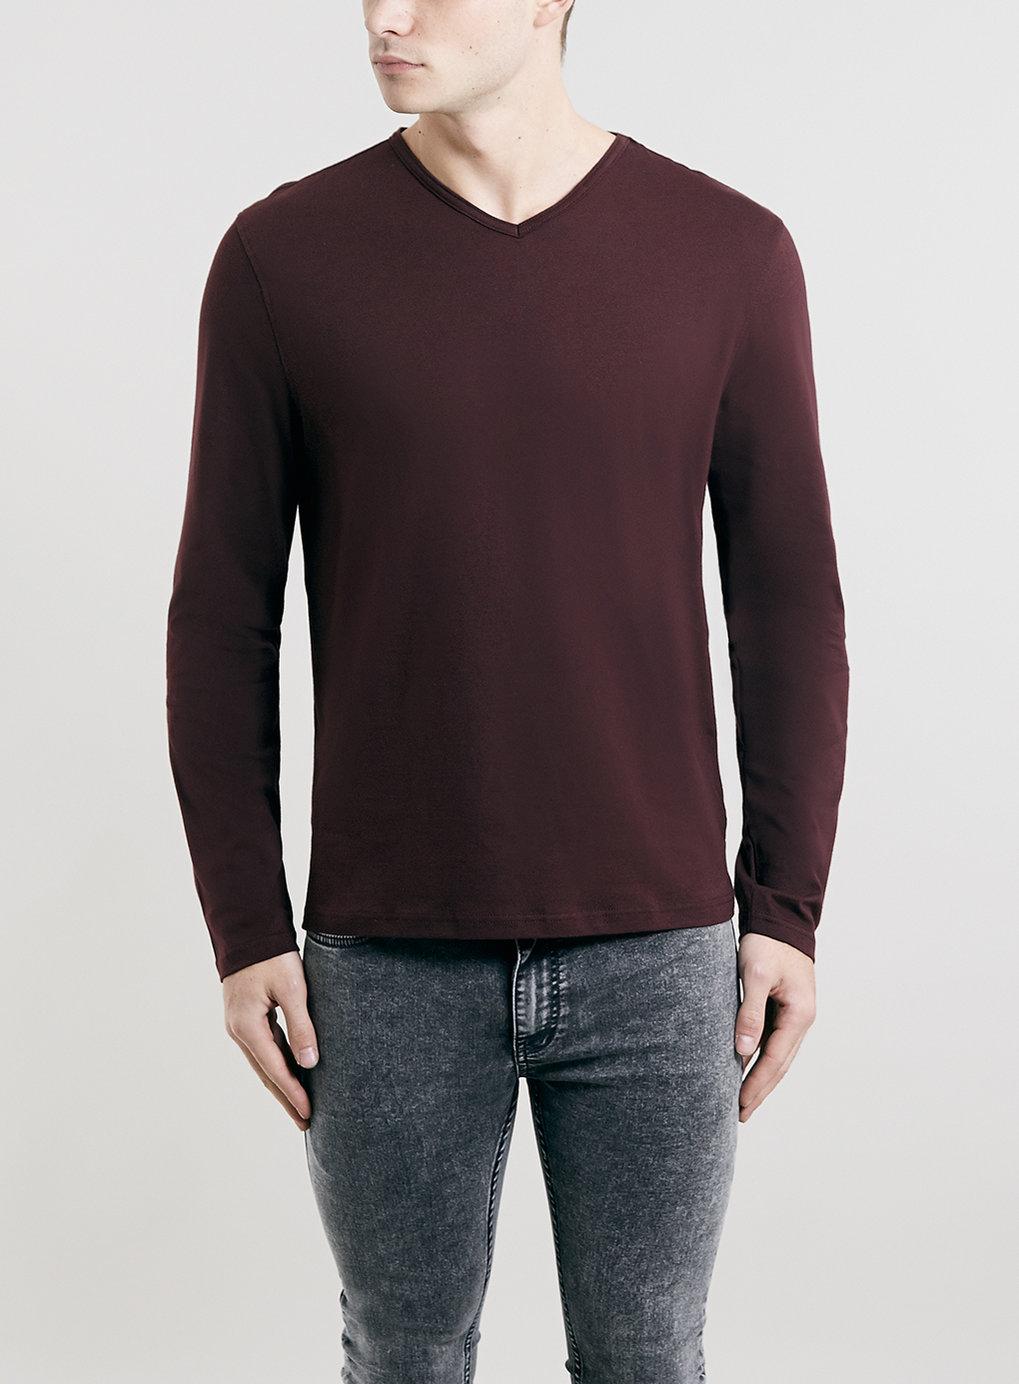 Topman burgundy v neck long sleeve t shirt in red for men for Burgundy long sleeve t shirt womens